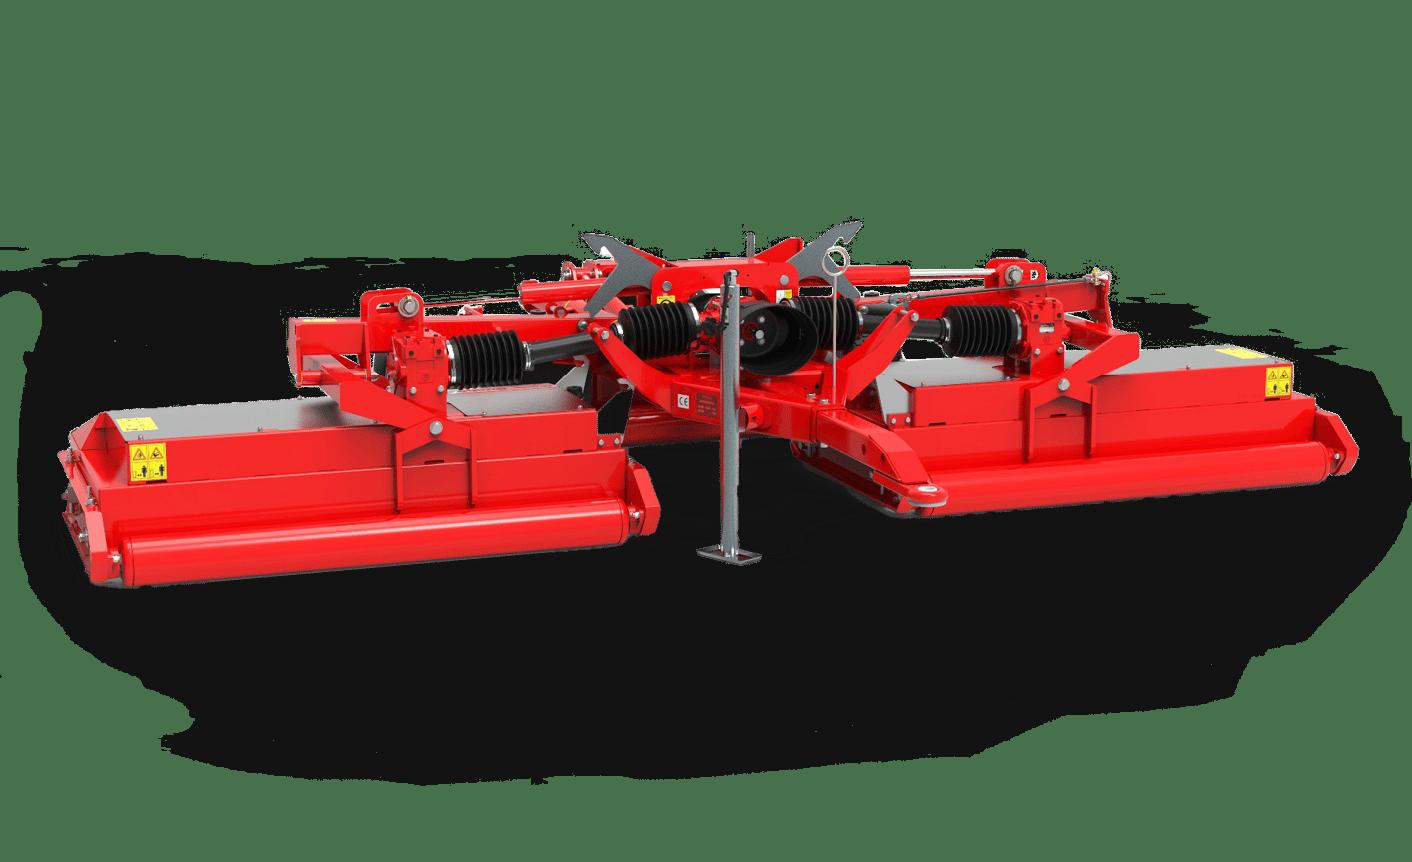 Snake S2 mower rear red